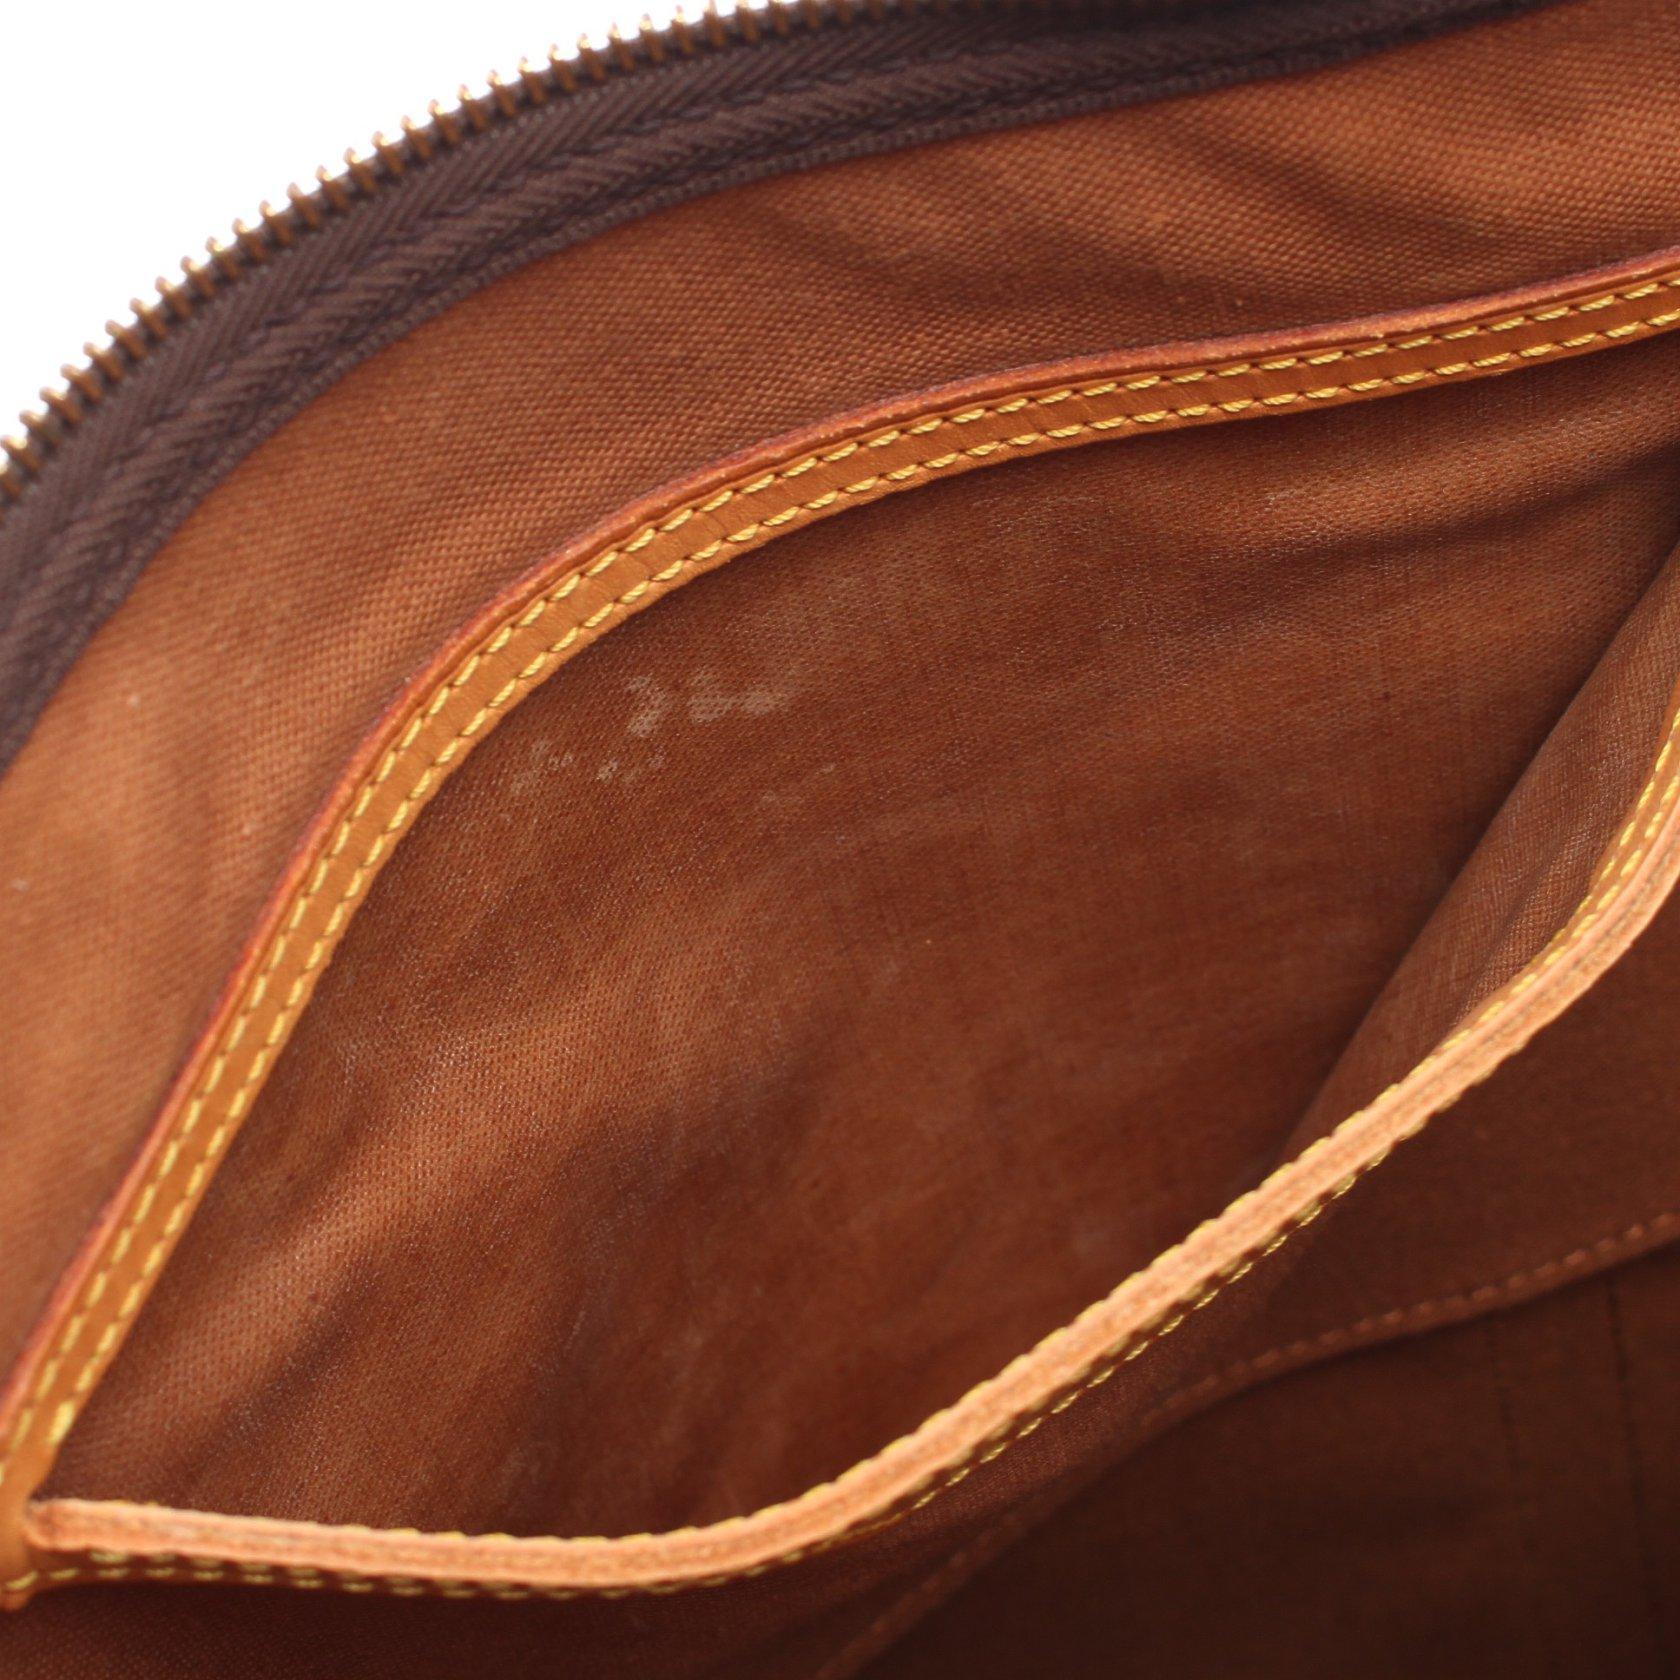 LOUIS VUITTON・バッグ・フラネリー50 モノグラム ショルダーバッグ PVC レザー ブラウン